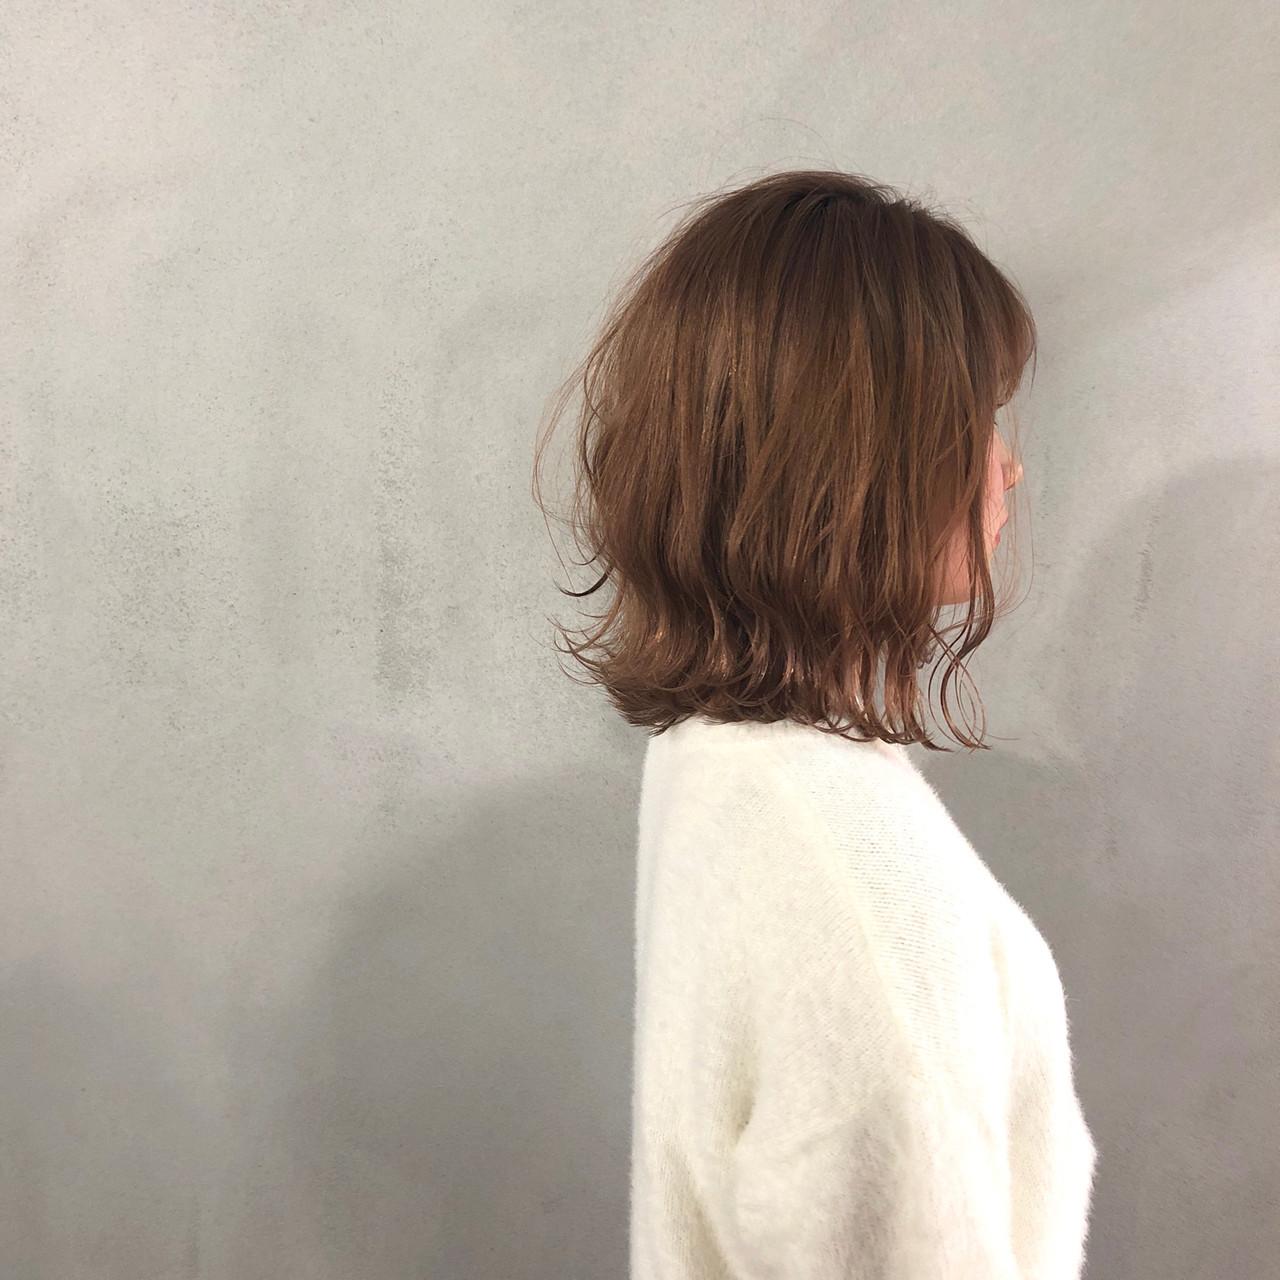 ボブ アッシュベージュ ハイトーンカラー 外ハネボブ ヘアスタイルや髪型の写真・画像 | 葛西 祐介【#tag】 / #tag